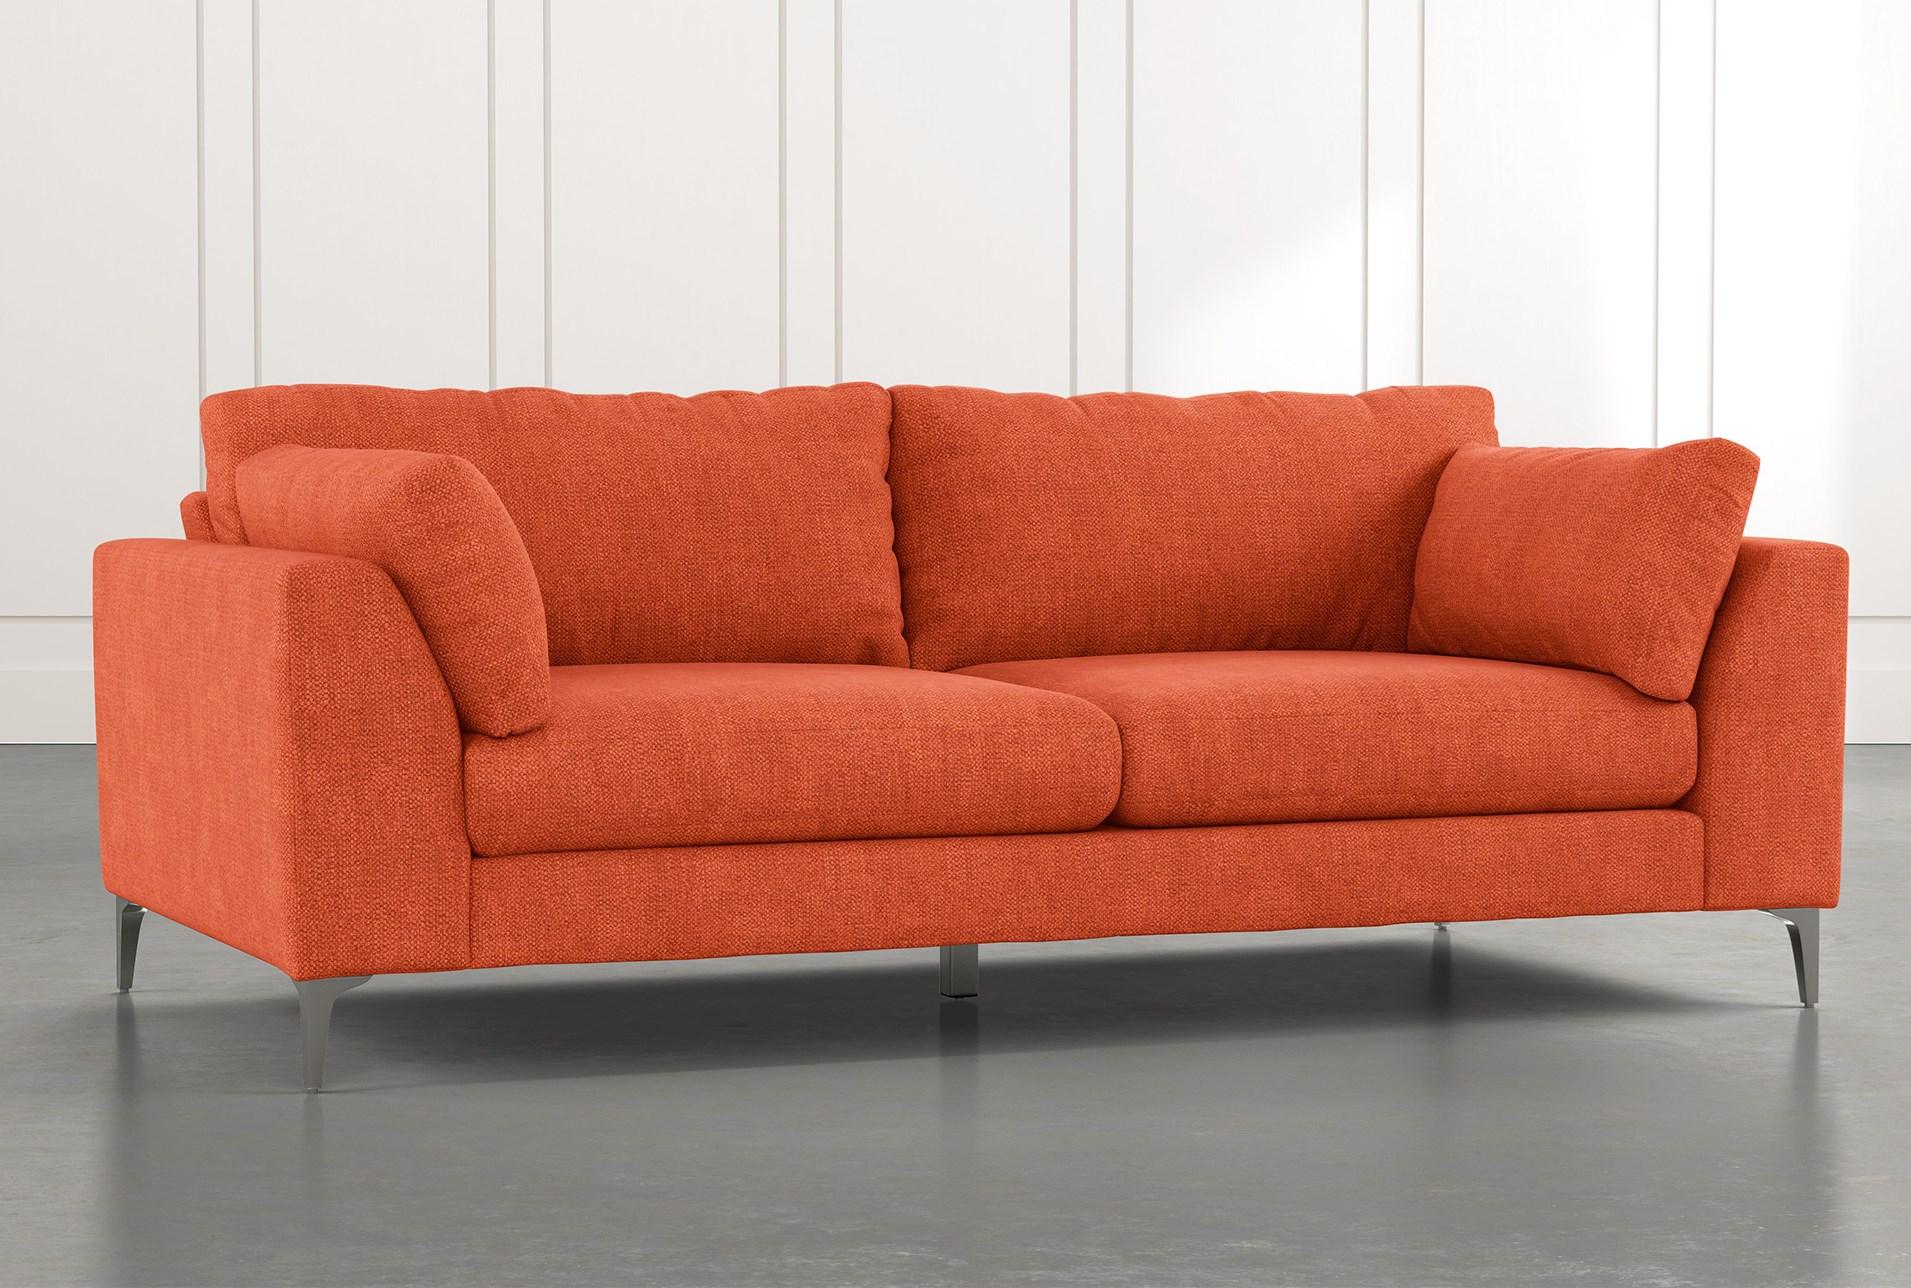 Loft Orange Sofa | Living Spaces